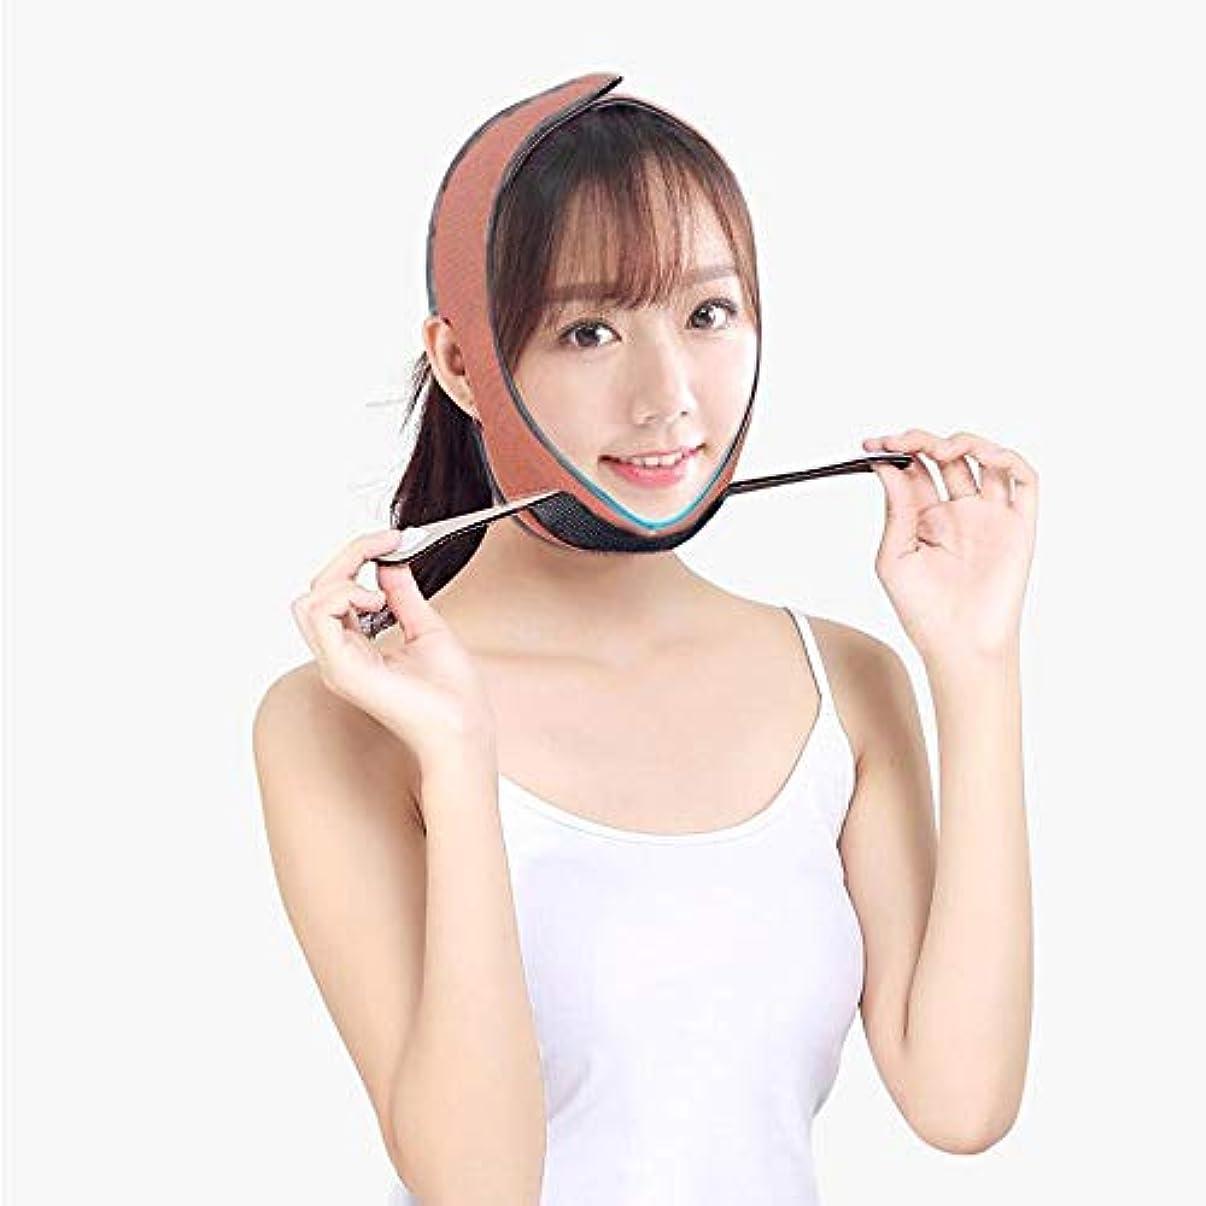 環境時計倫理的フェイシャルリフティングスリミングベルト - 薄いフェイス包帯Vフェイス包帯マスクフェイシャルマッサージャー無料整形マスク顔と首の顔を引き締めますスリム